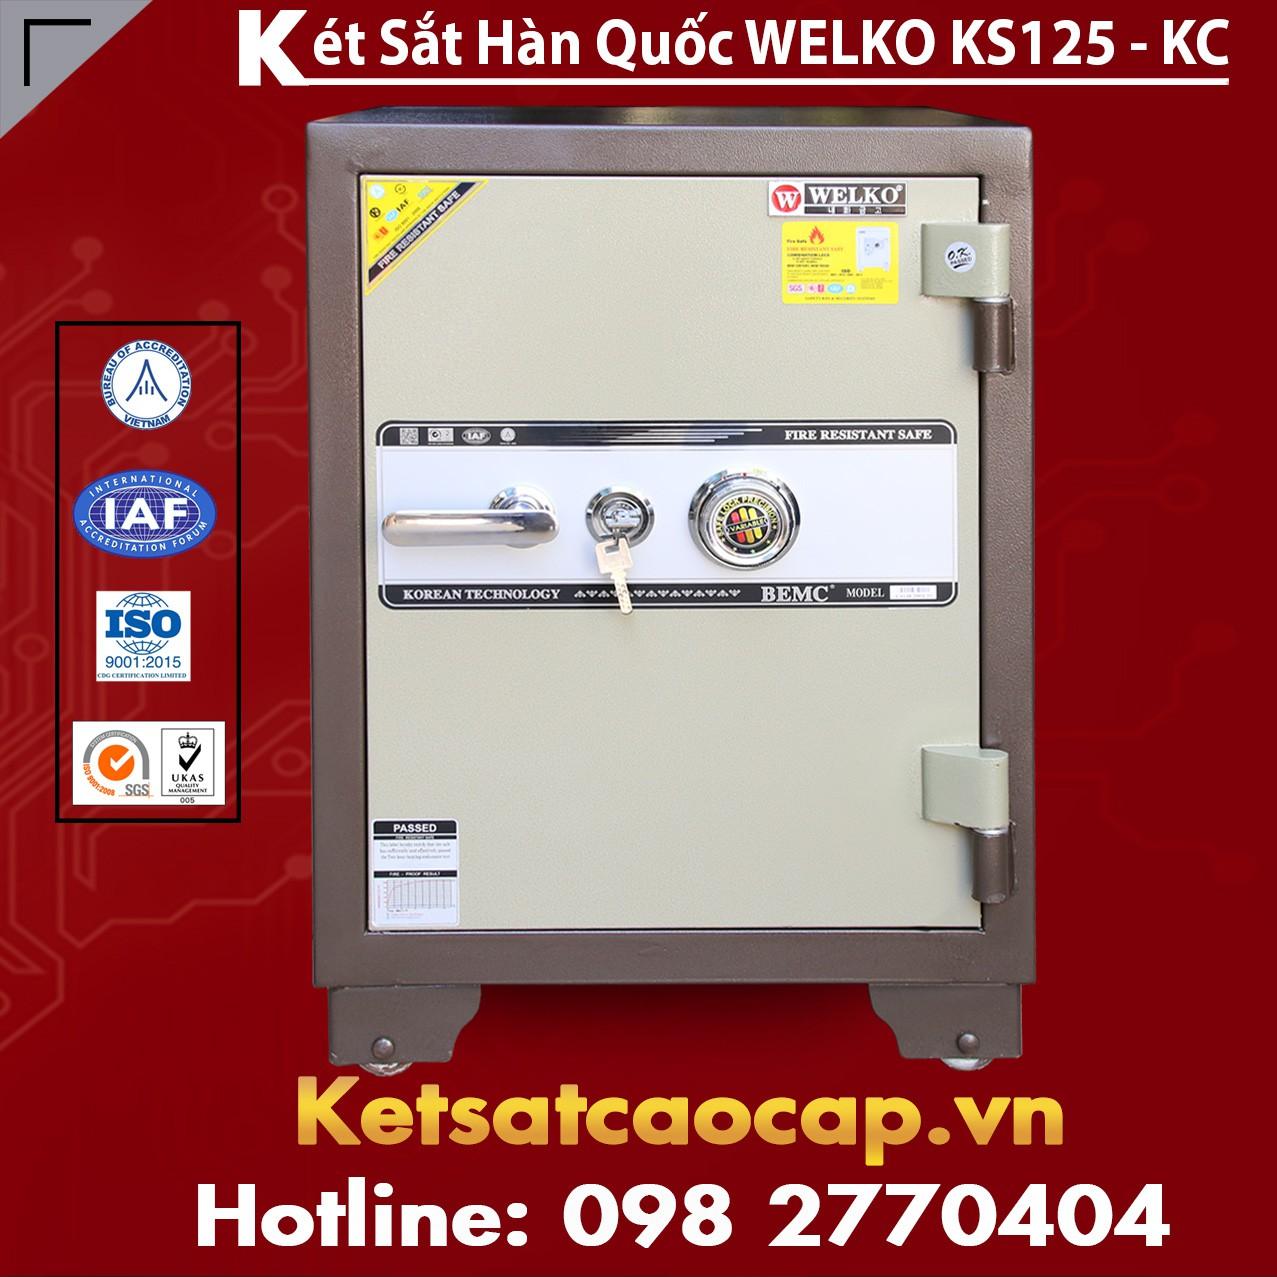 Két Sắt Văn Phòng Welko KS125 - KC Brown